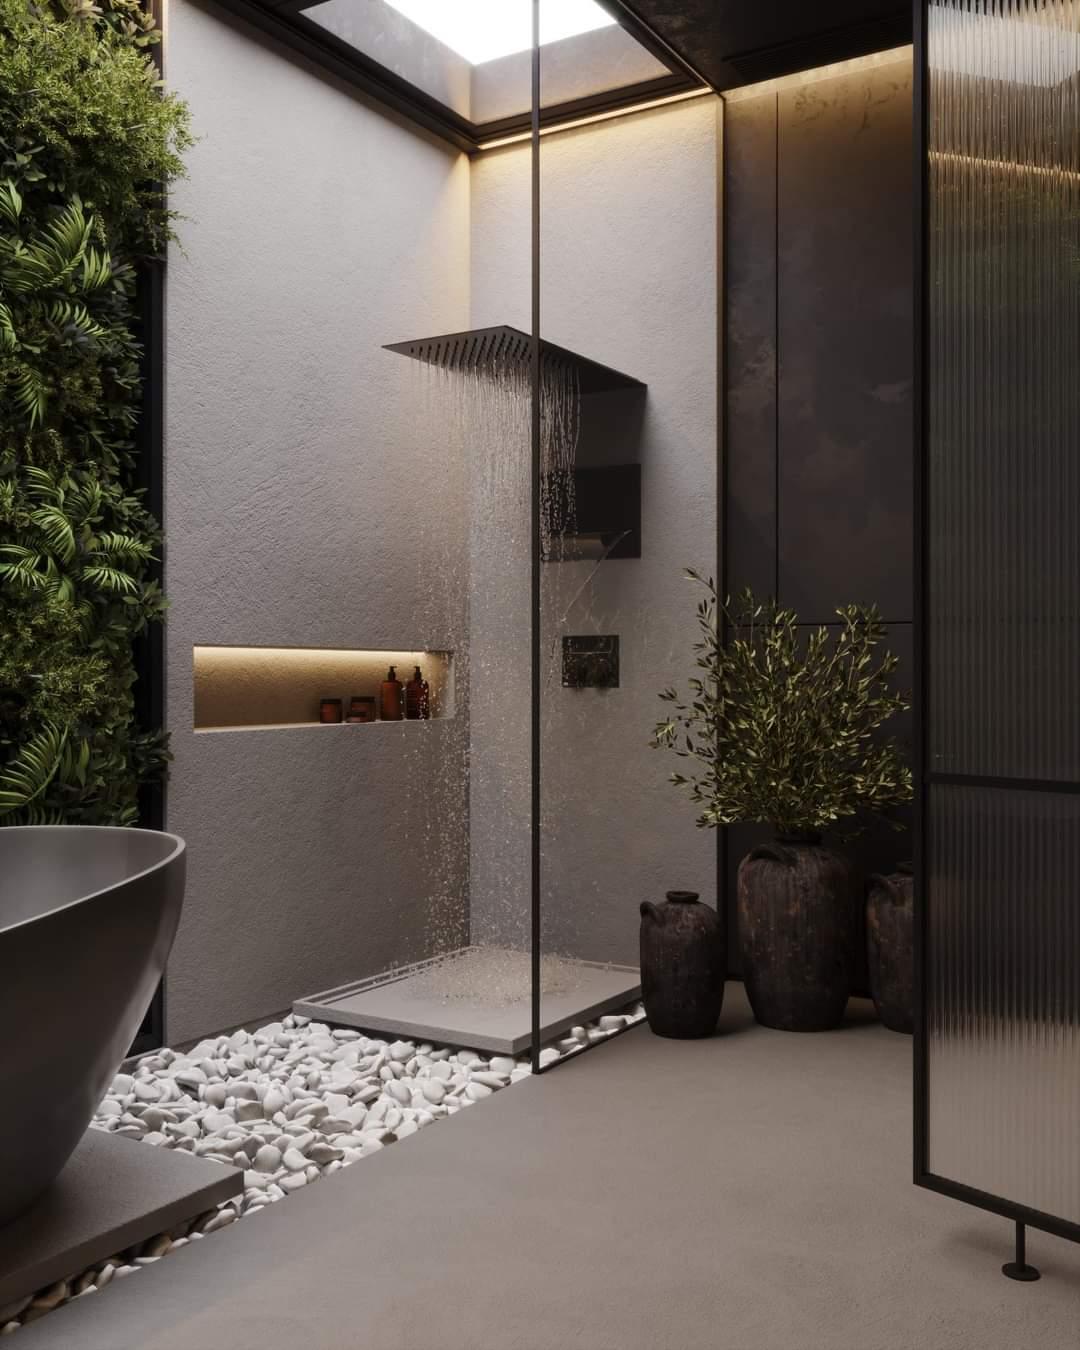 Likable Bathroom Interior Set Up - Source: Kireevaaanna